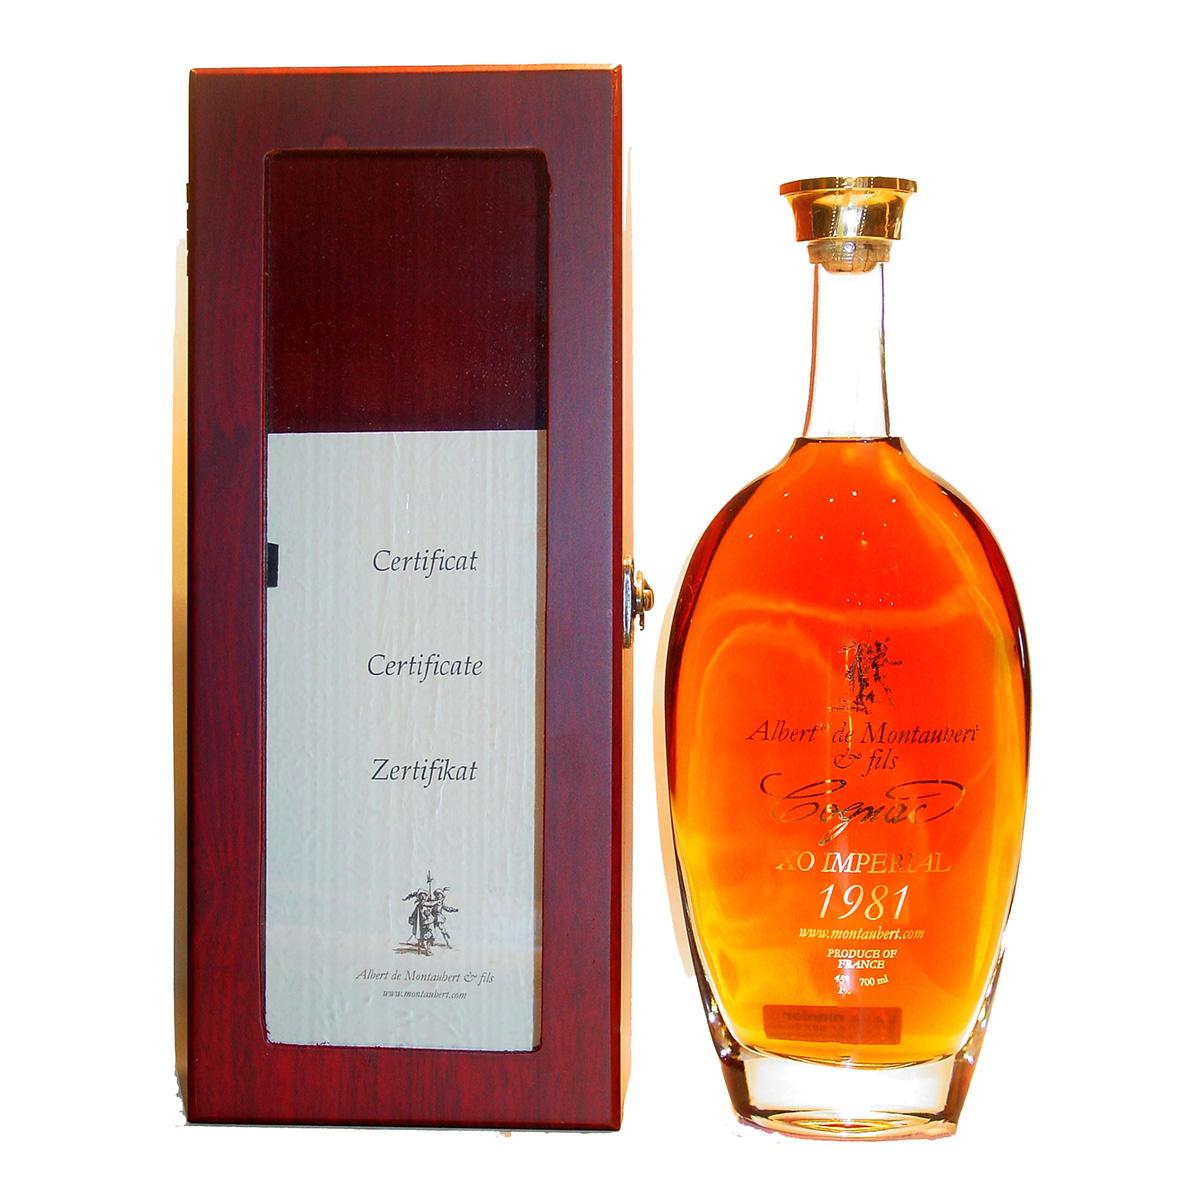 Albert de Montaubert XO impérial 1981 Cognac